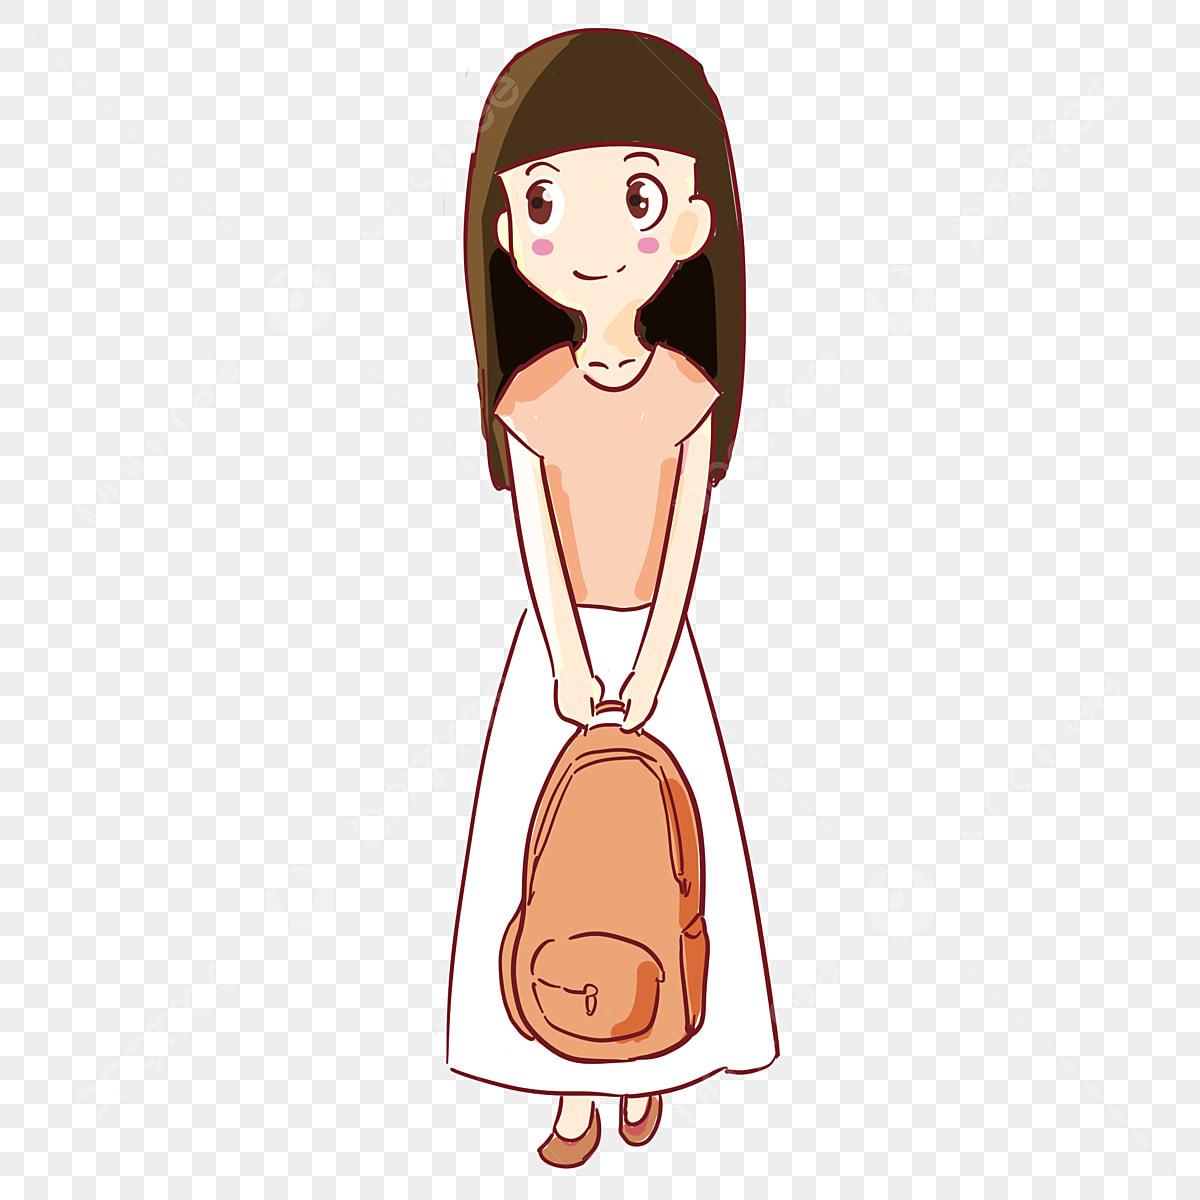 Personnage De Dessin Animé Simple Style Comique Jolie Fille